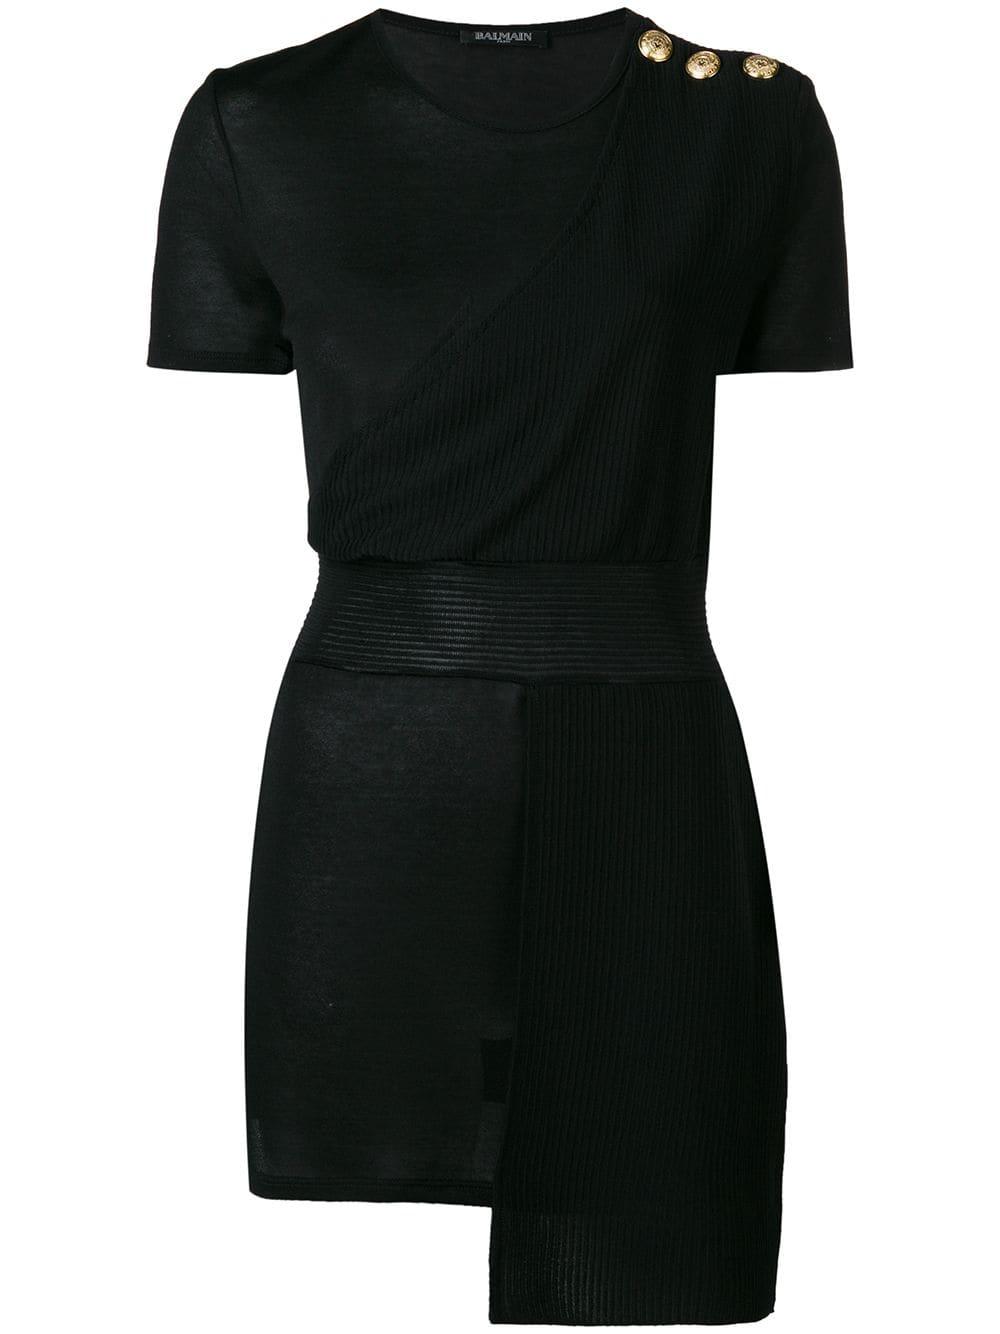 Balmain   Embellished Layer Top